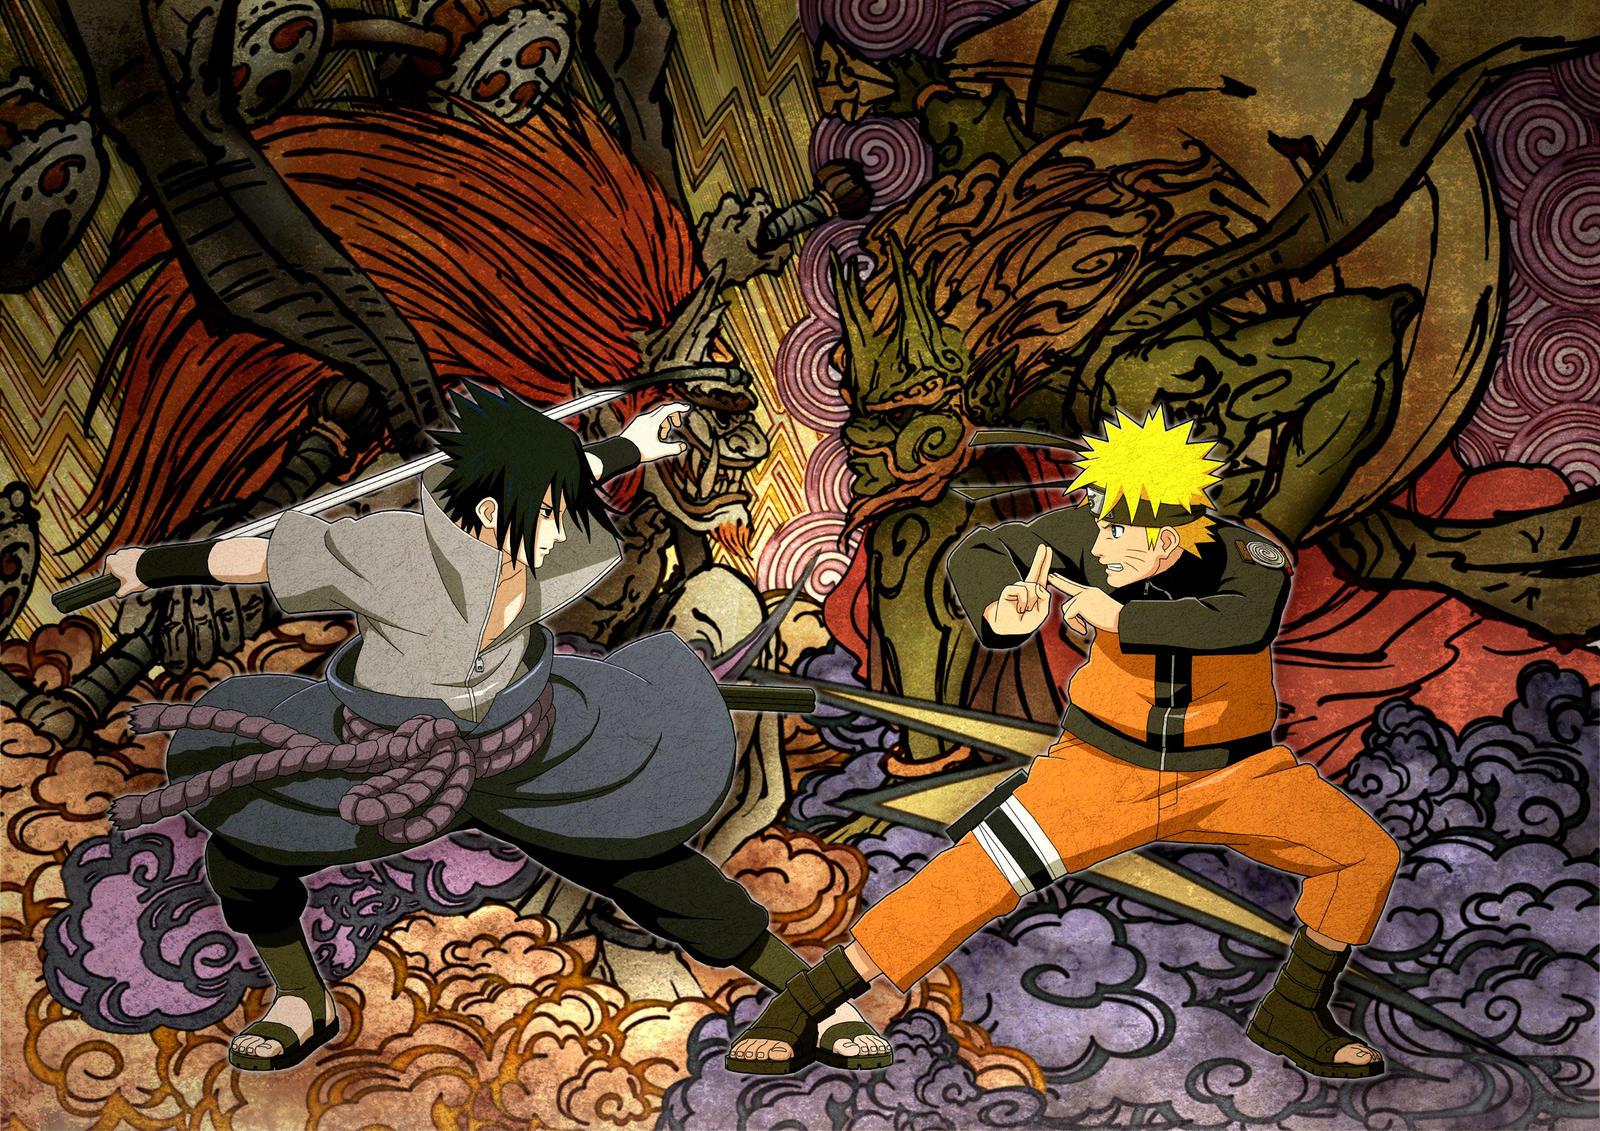 Beautiful Wallpaper Mac Naruto - poster_naruto_x_sasuke_by_isacmodesto-d93vhy7  Trends_28180.jpg